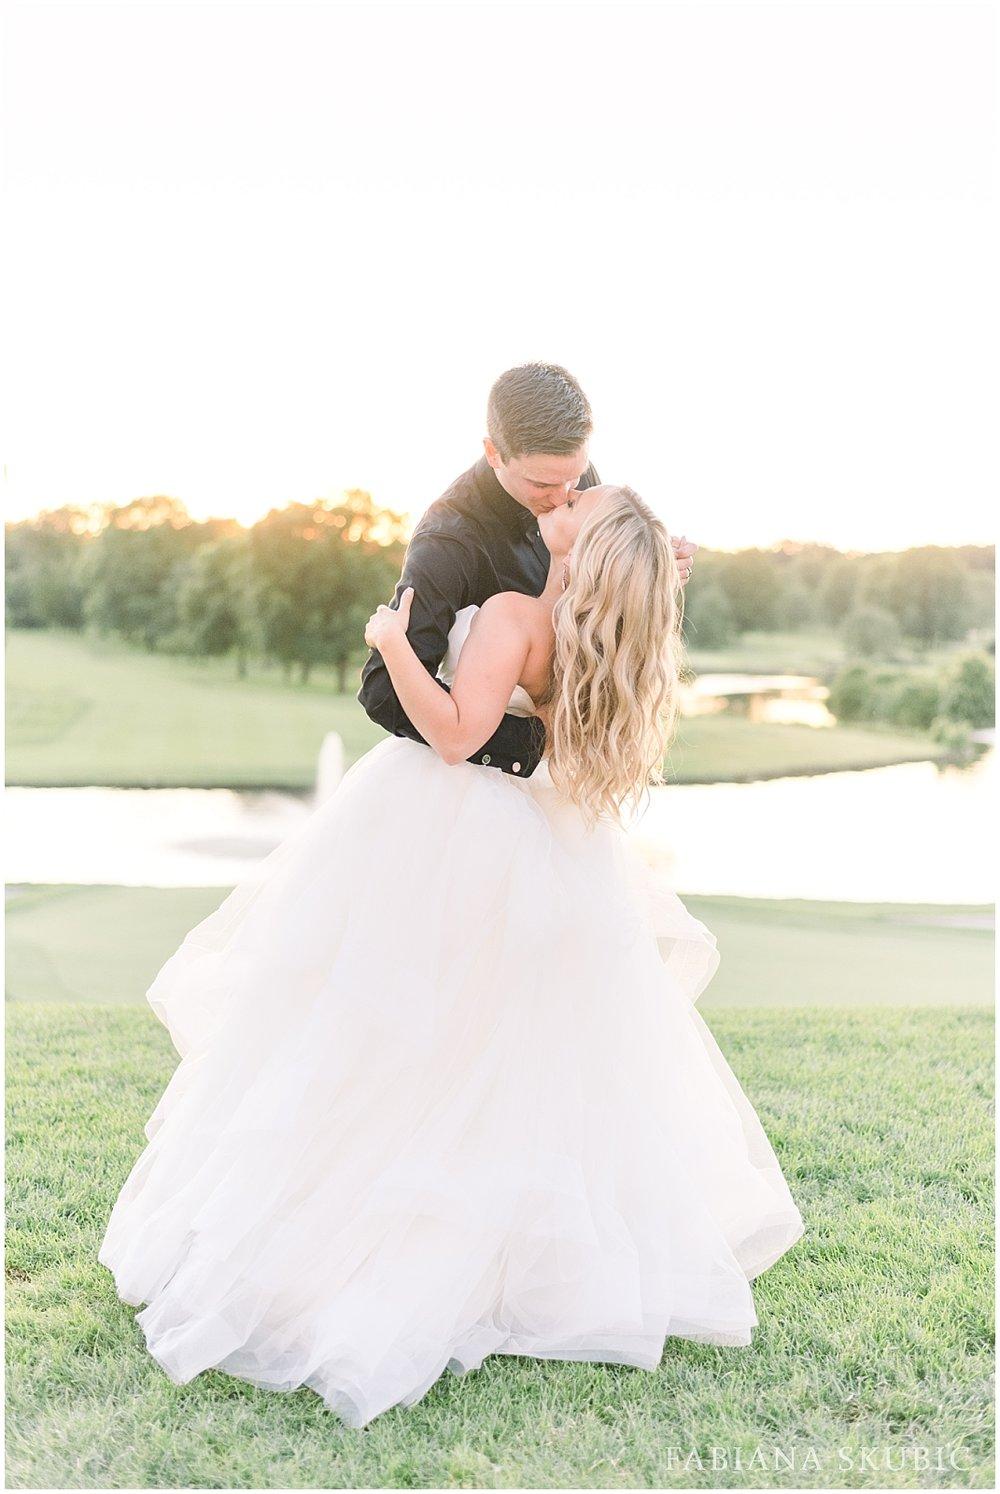 FabianaSkubic_K&N_Brooklake_Wedding_0079.jpg